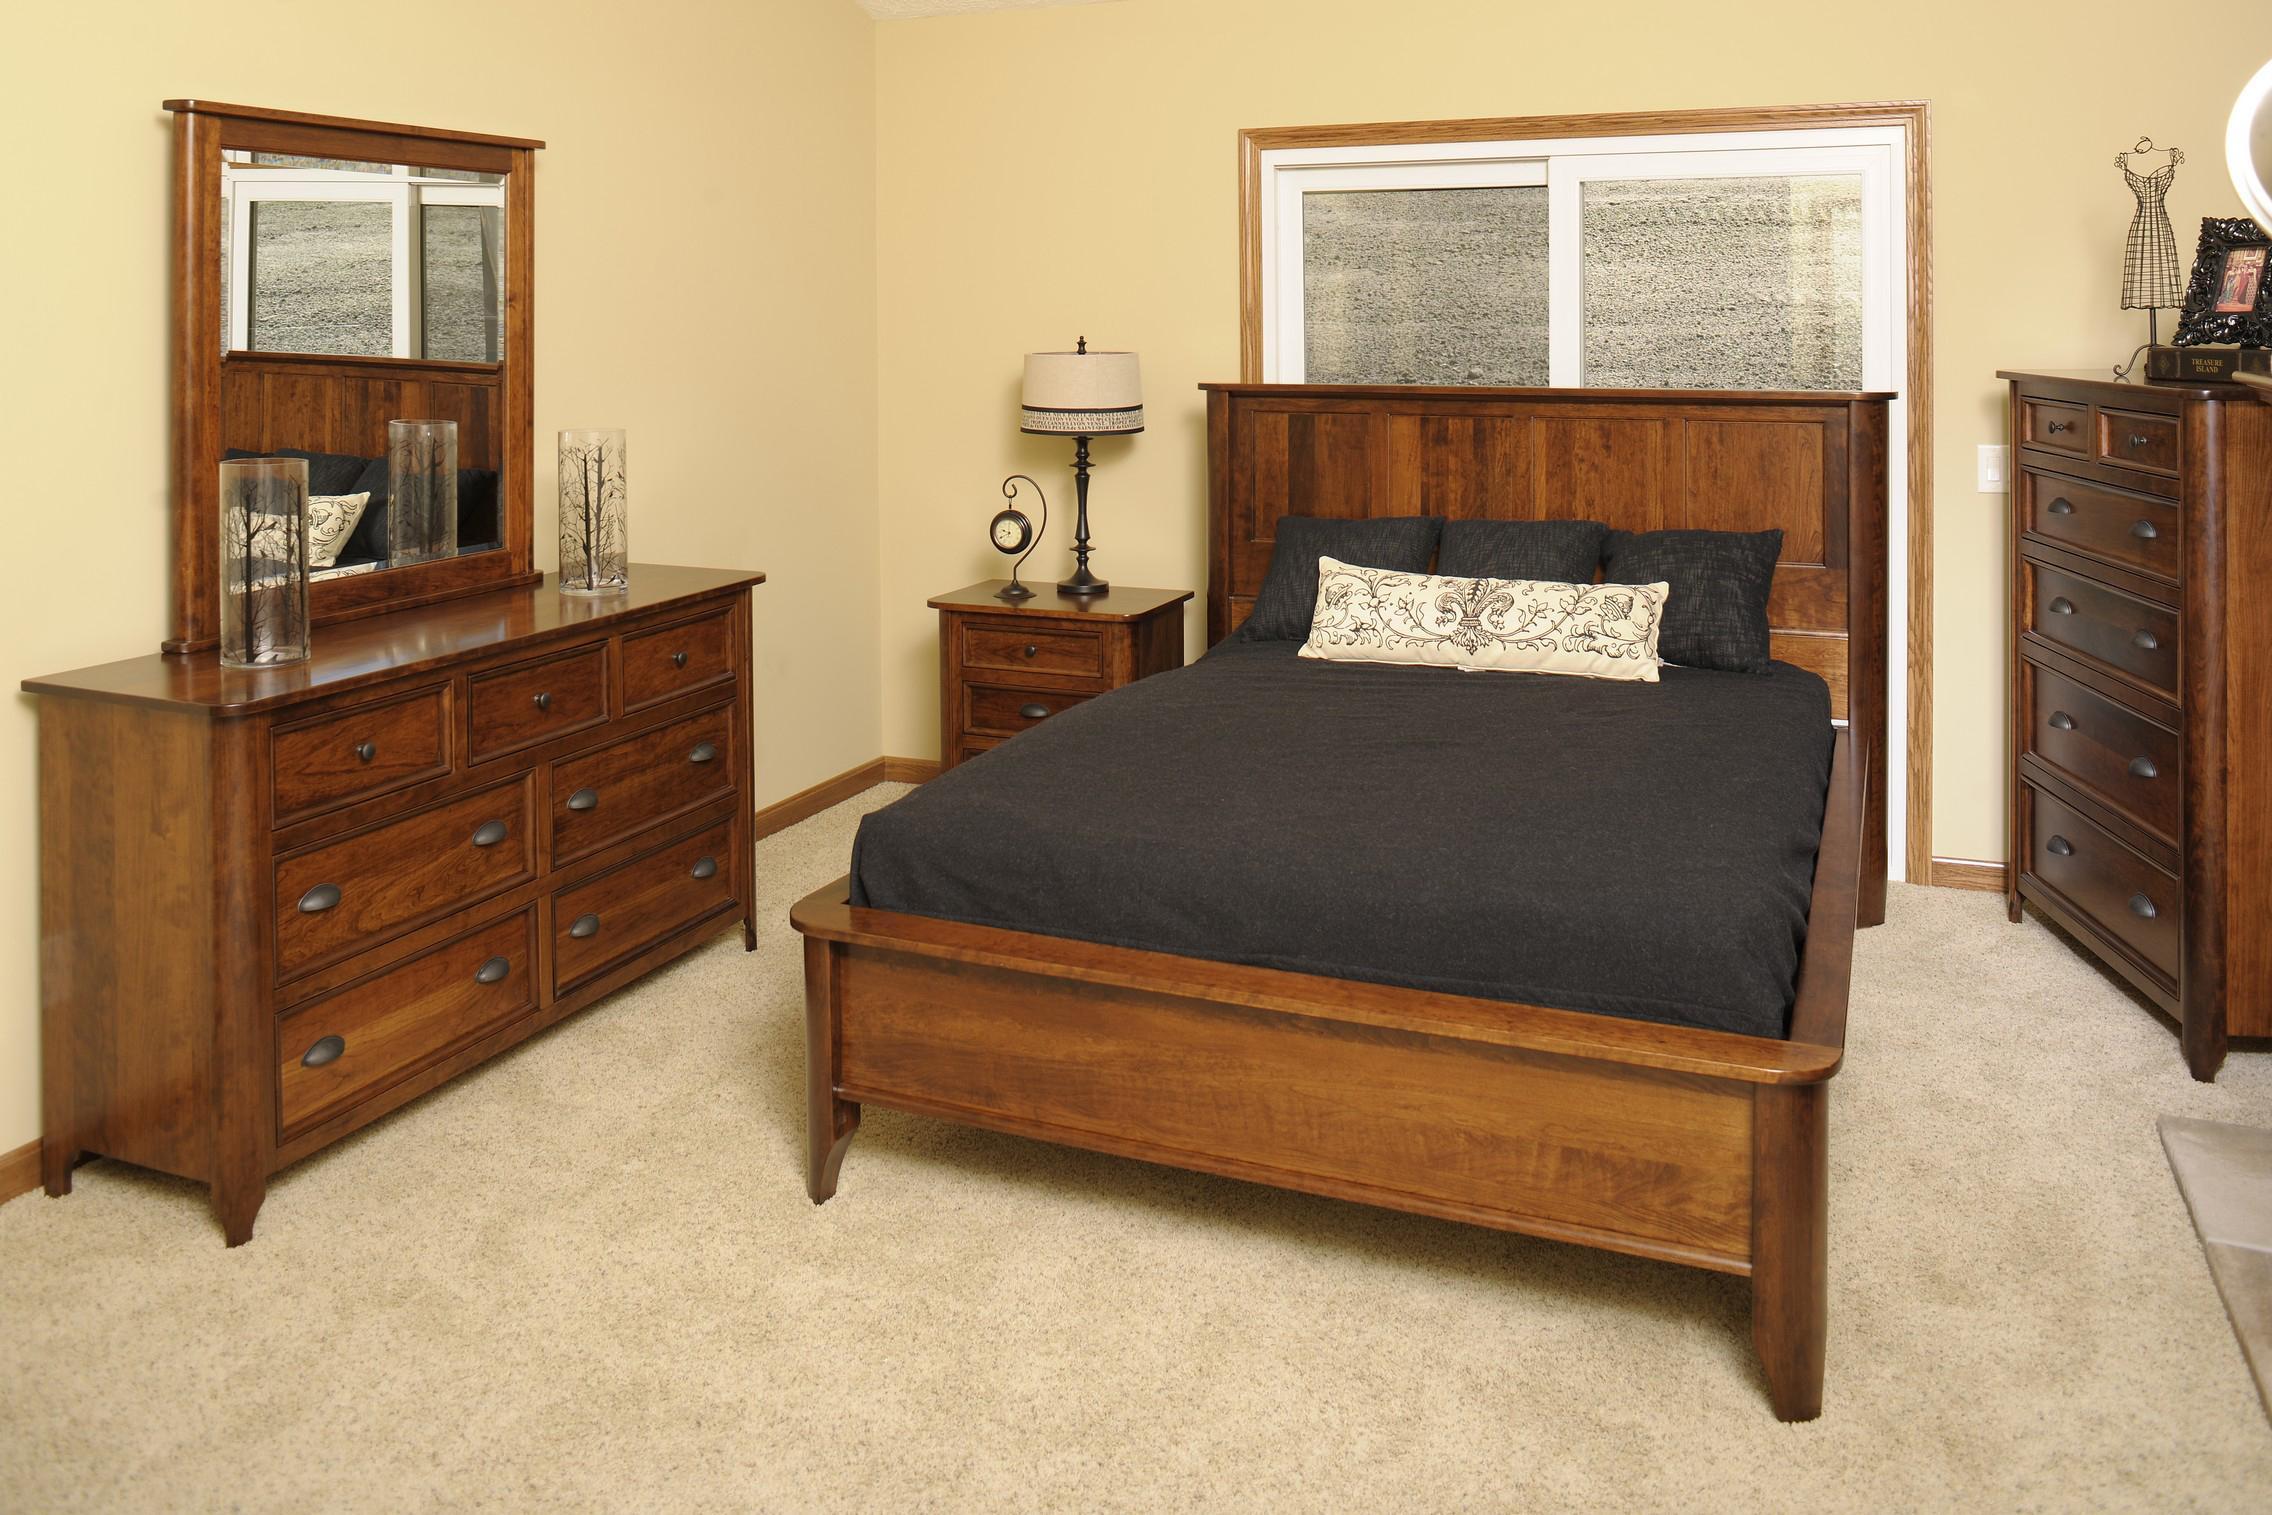 Hudson (1400) By Yutzy   Urban Collection   Dunk U0026 Bright Furniture   Yutzy    Urban Collection Hudson Dealer